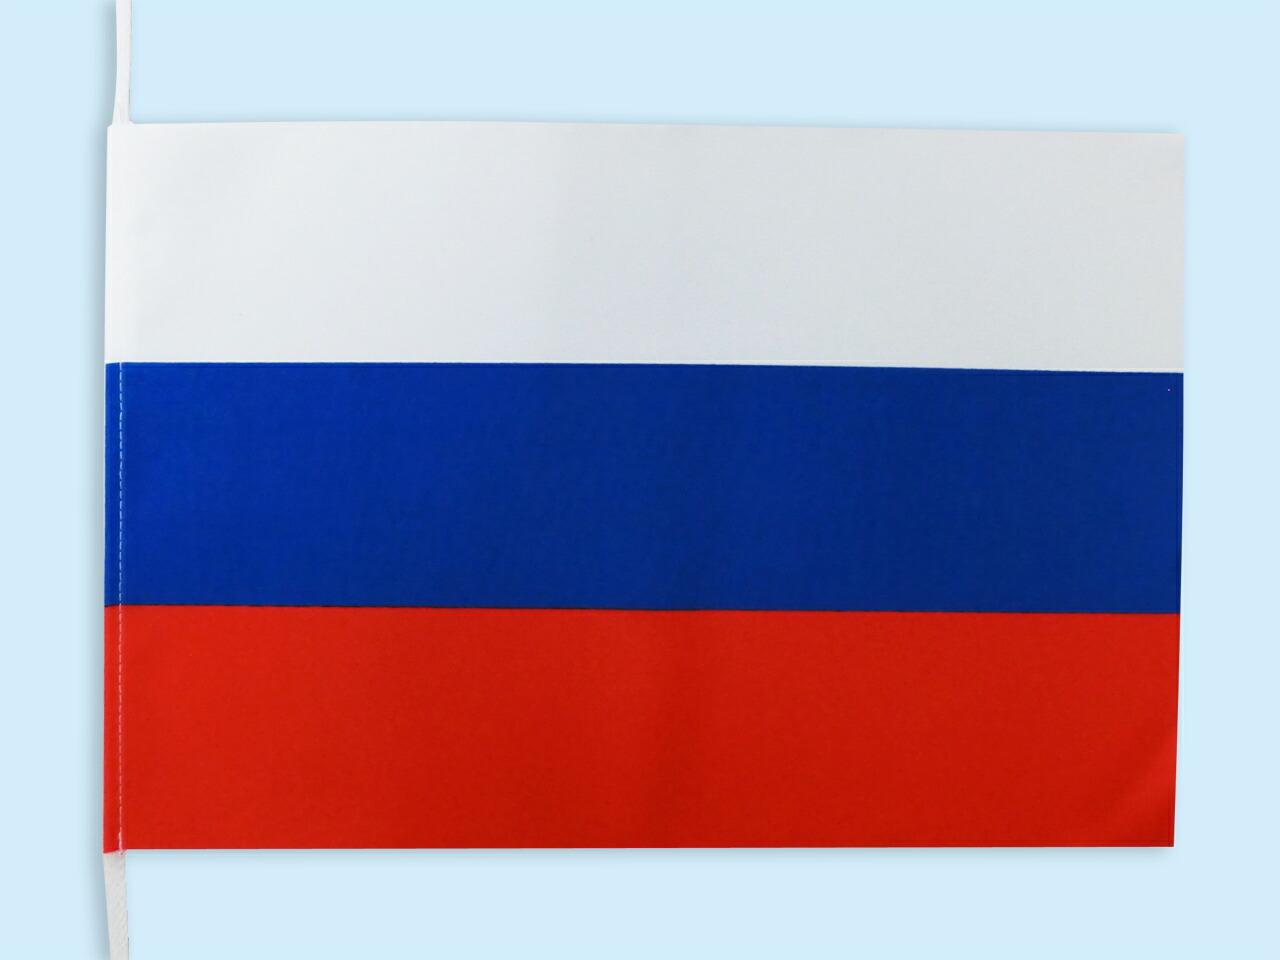 万国旗の縫製部分アップ